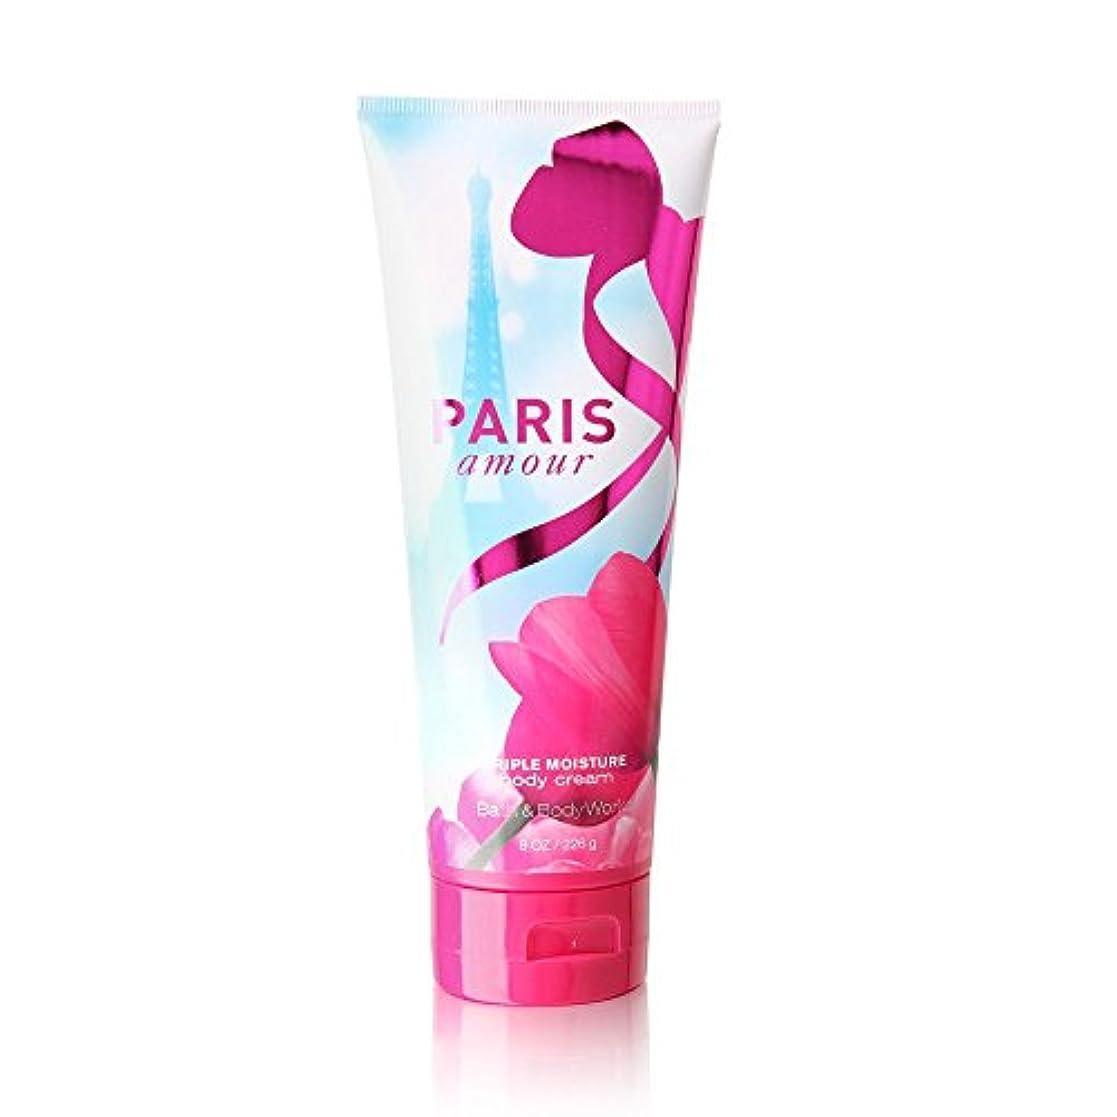 に対応する出来事アラブ【バス&ボディワークス】 Body Cream/ボディークリーム Paris Amour